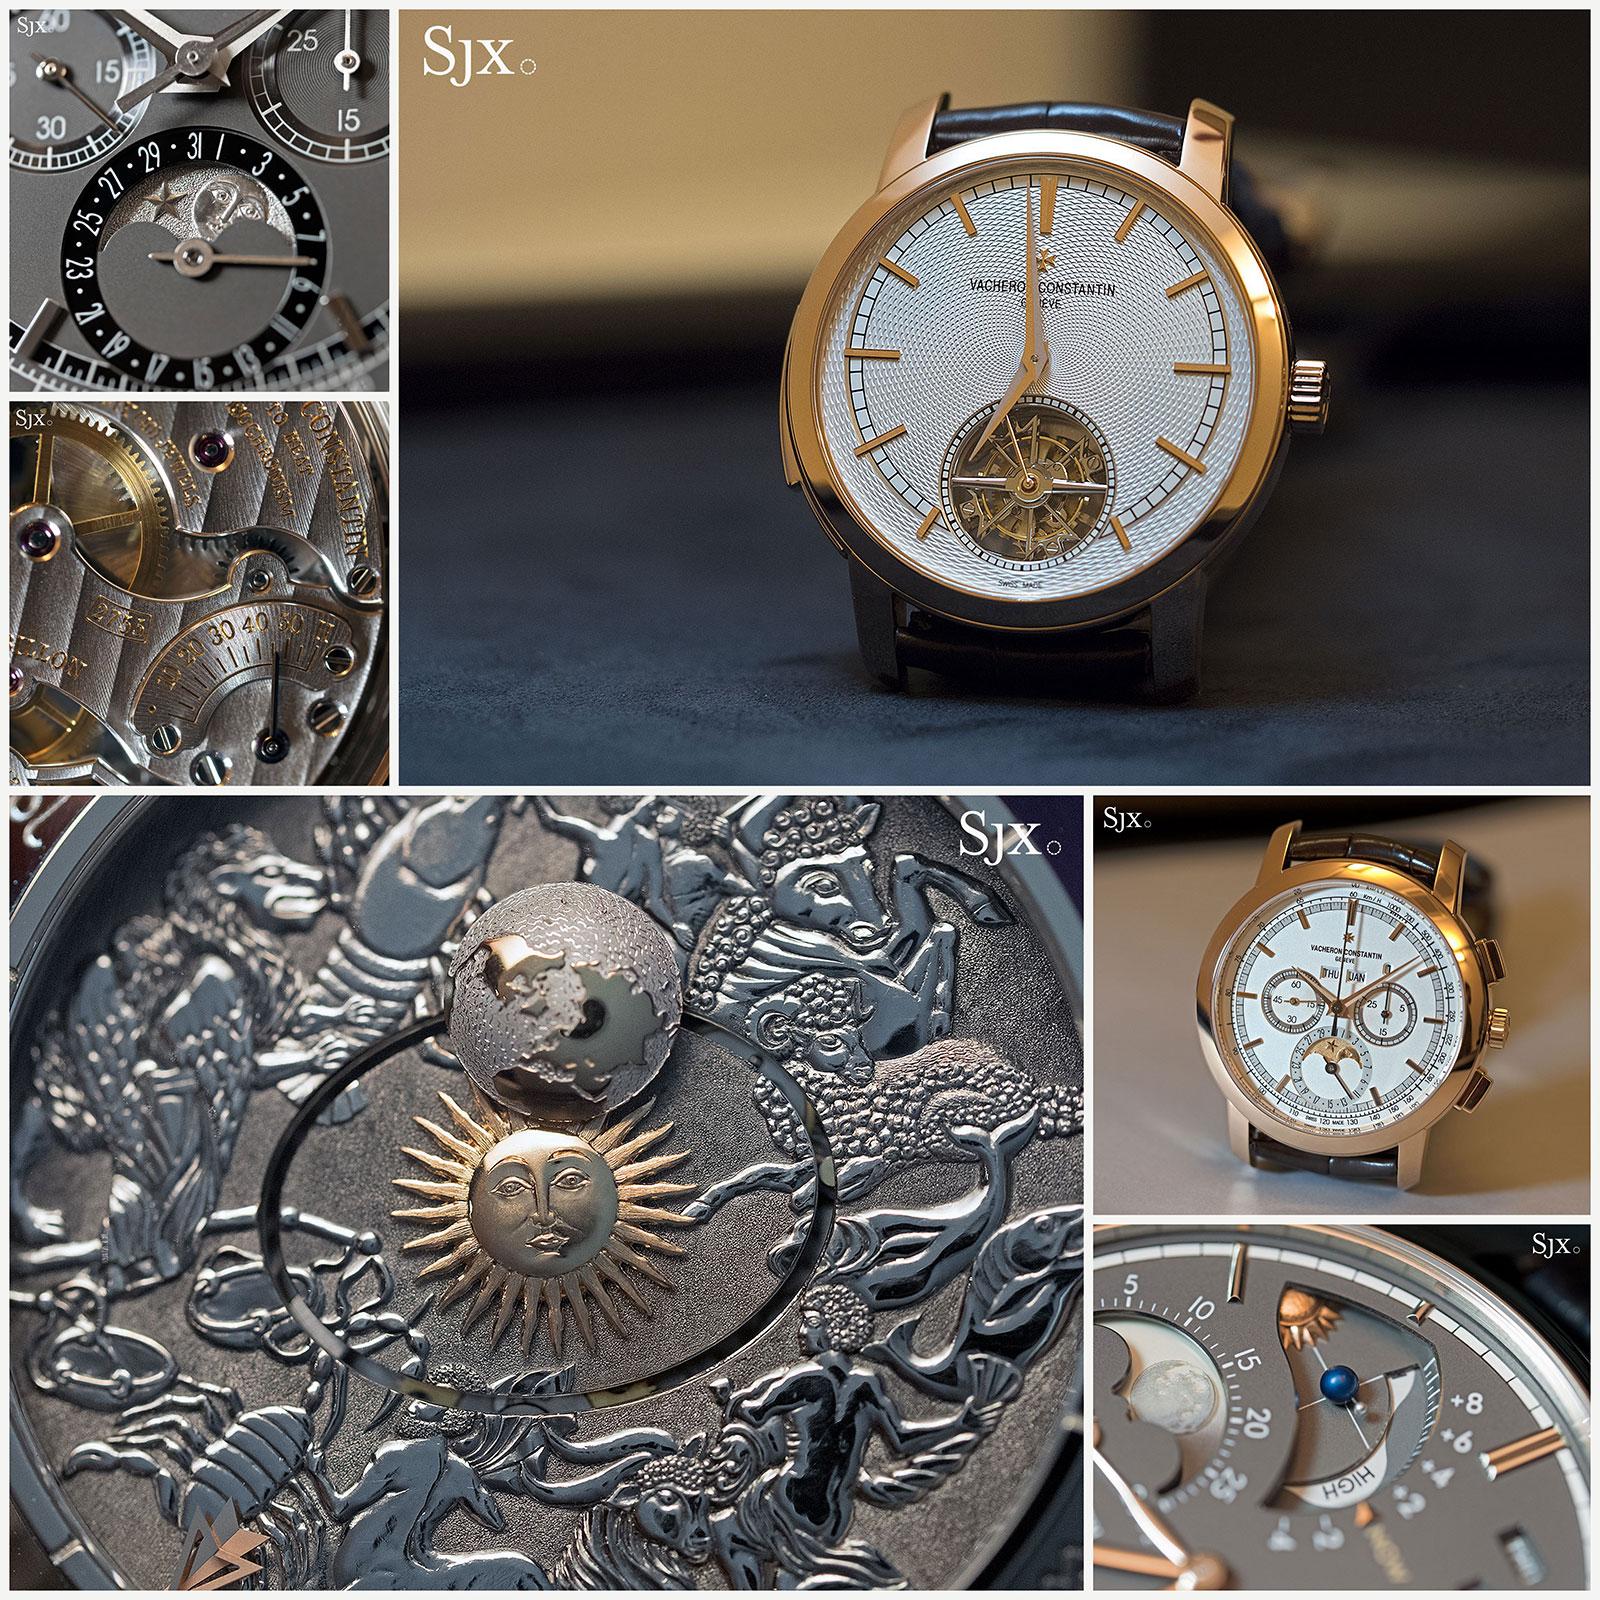 Kinh nghiệm vàng chọn mua đồng hồ Thụy Sỹ